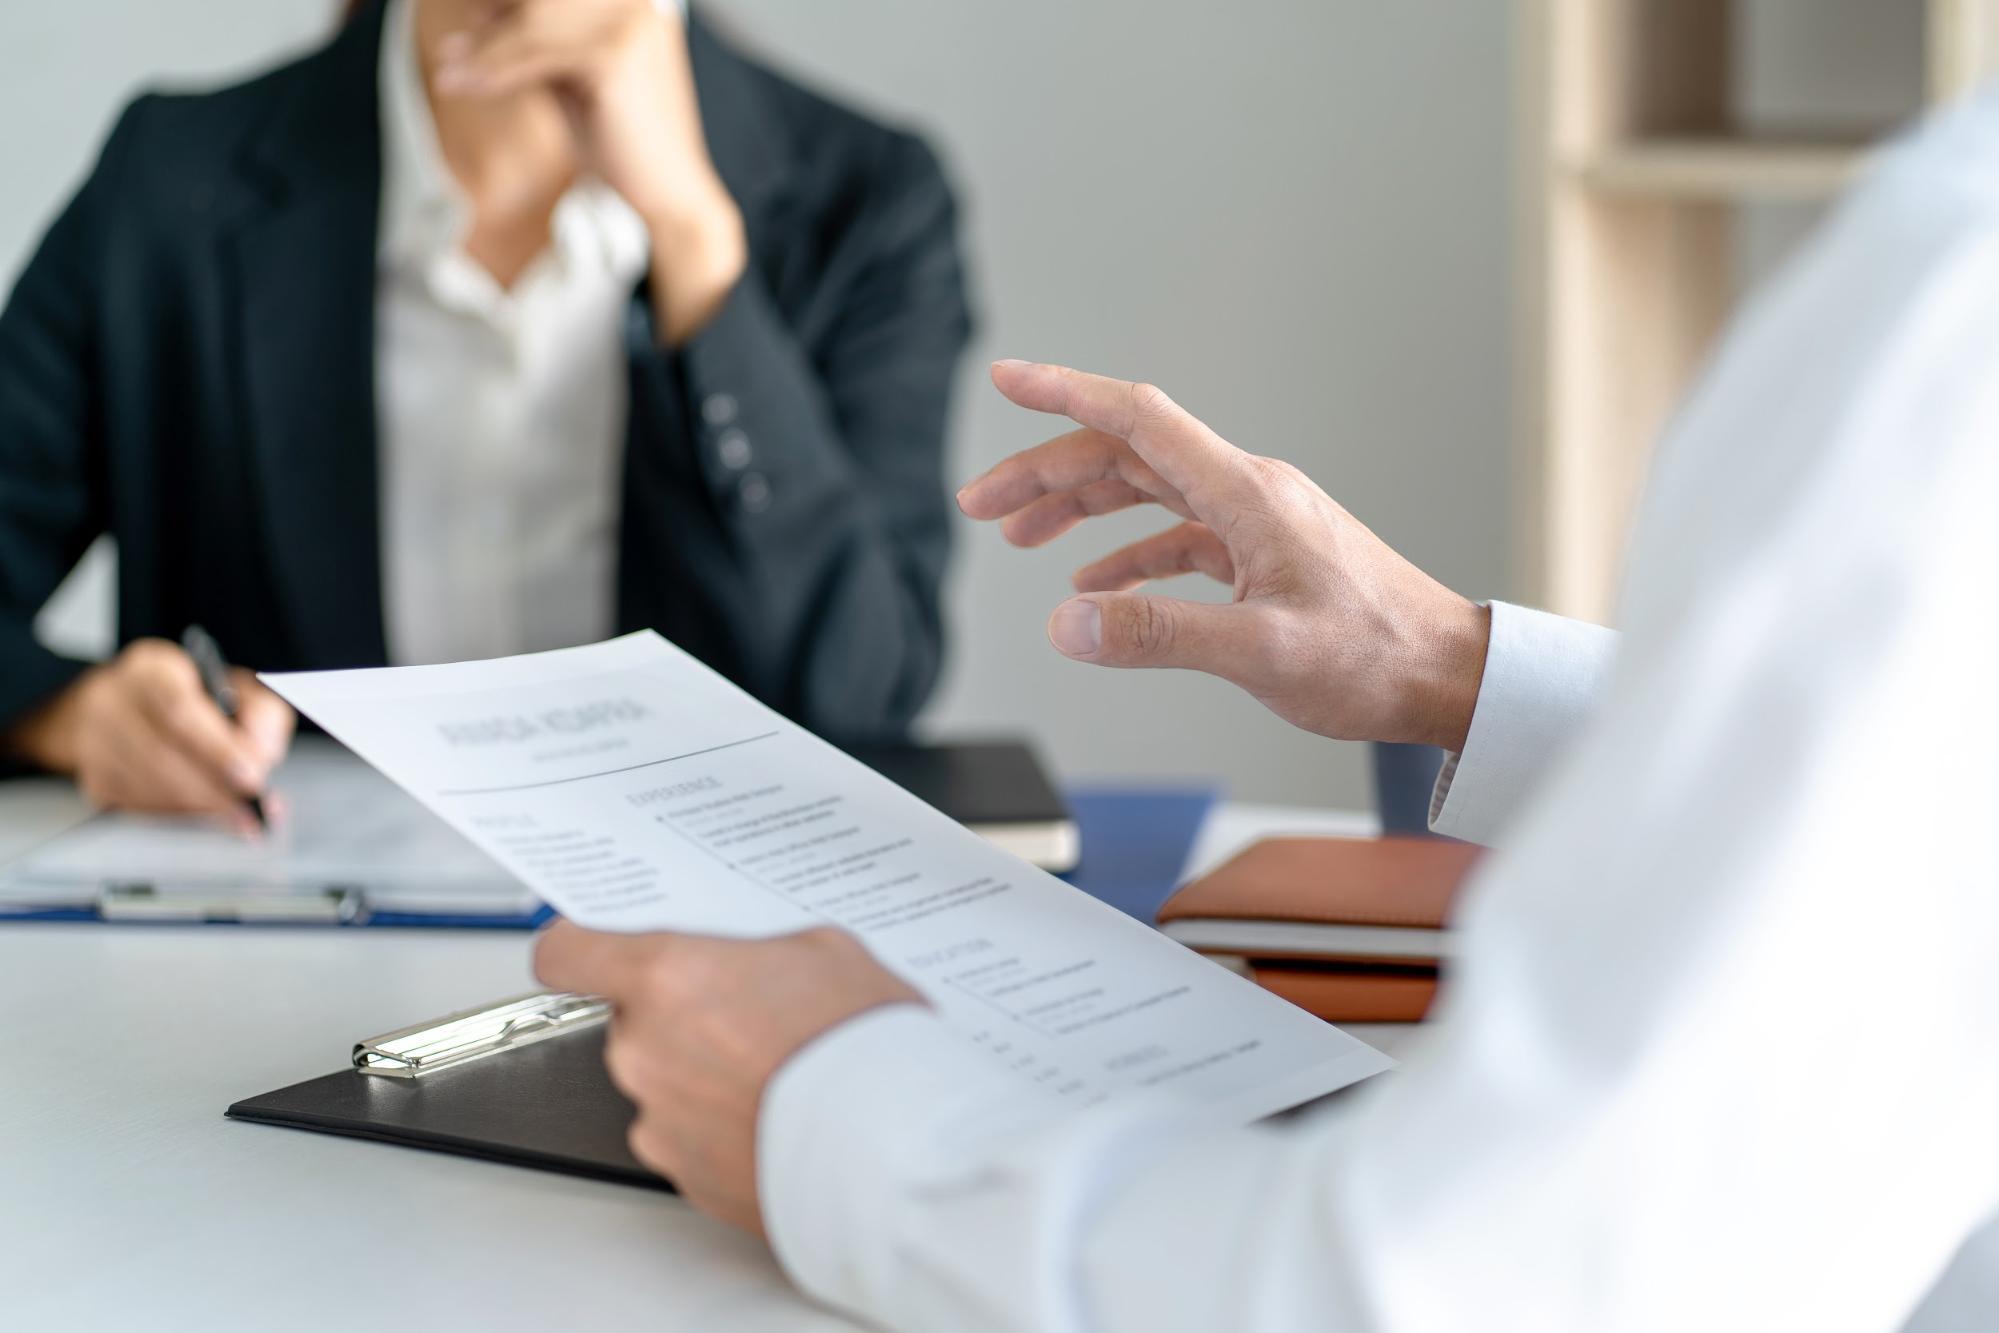 Human Resource Internships: Man reading resume